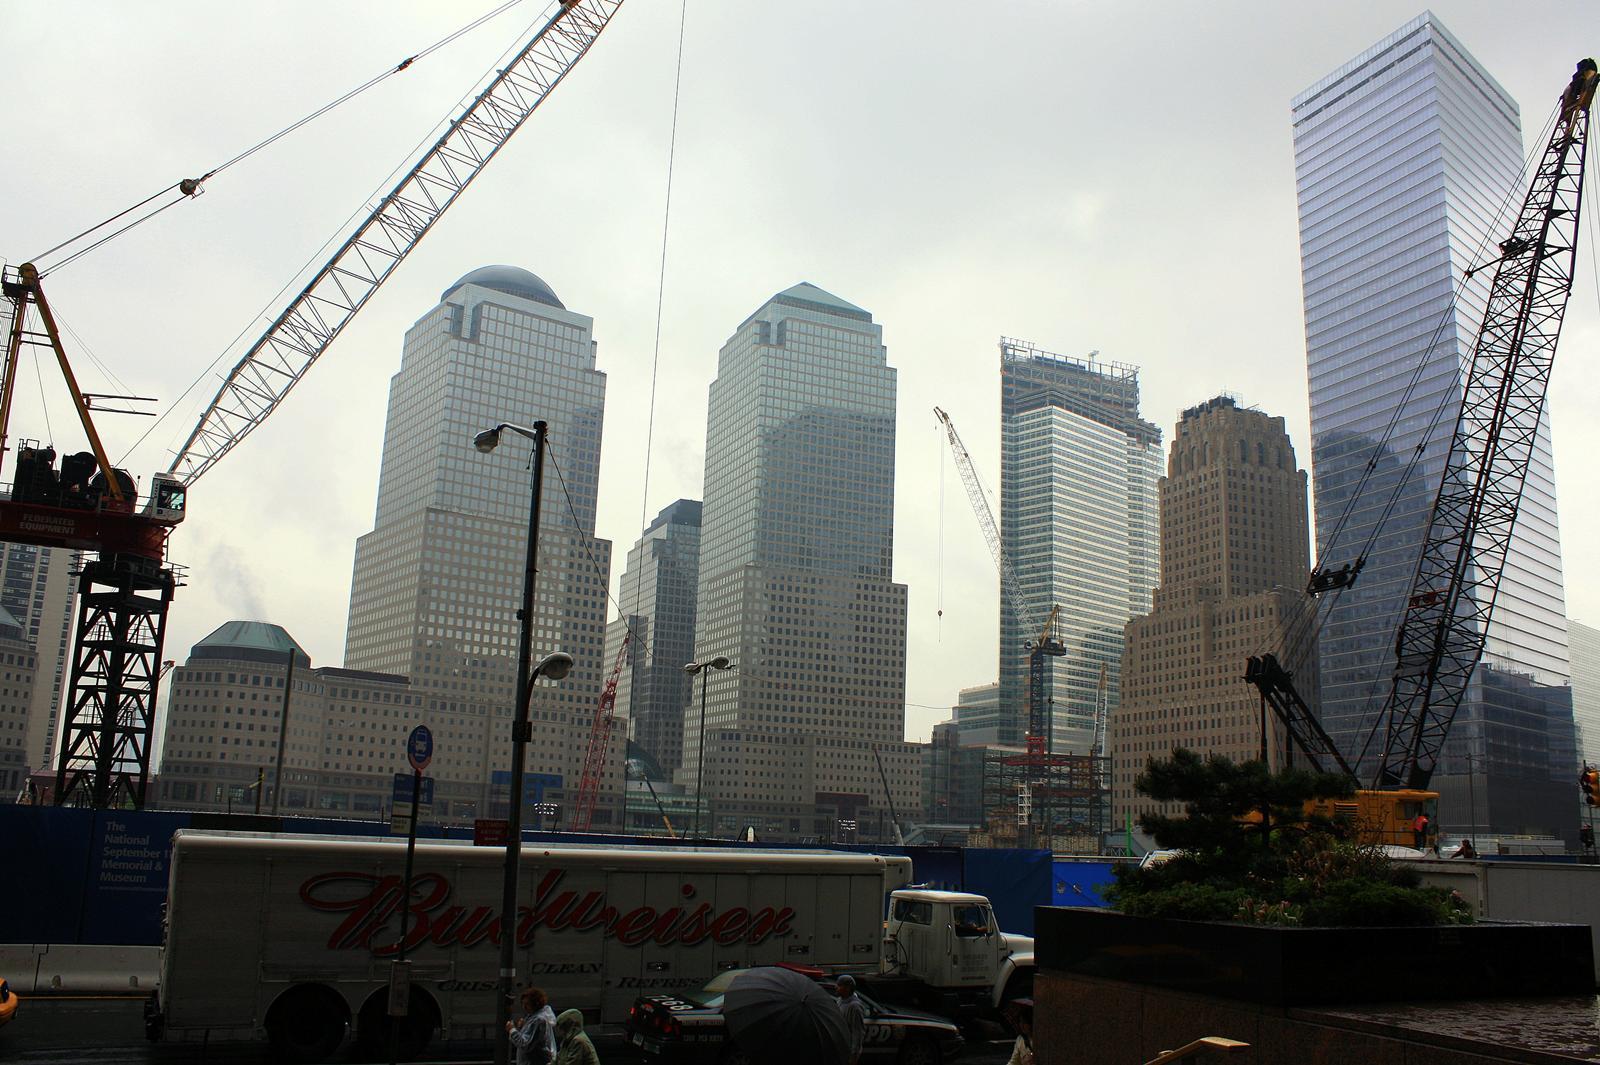 离华埠往南不远是联邦广场,各政府机构、立法部门以及市政厅都汇集于此。附近的布鲁克林大桥更是将曼哈顿与布鲁克林区连接在一起。这座19世纪中后期建成的钢铁大桥,是夜幕中步行欣赏曼哈顿夜景的好地方。世贸遗址也在这个地段,除了围栏上的911国家纪念场标示,八年后的今天已经感觉不到任何悲凉的气息,只留下人们对新的世贸中心的期待。 纽约是美国及当今世界的金融中心,不幸在这个行业底层摸爬滚打的我,清楚明白操盘者的暴利及伪善嘴脸。话虽如此,却不能阻止普通劳苦大众对华尔街的顶礼膜拜。人们都向往那一句话、一个动作就可令全球人